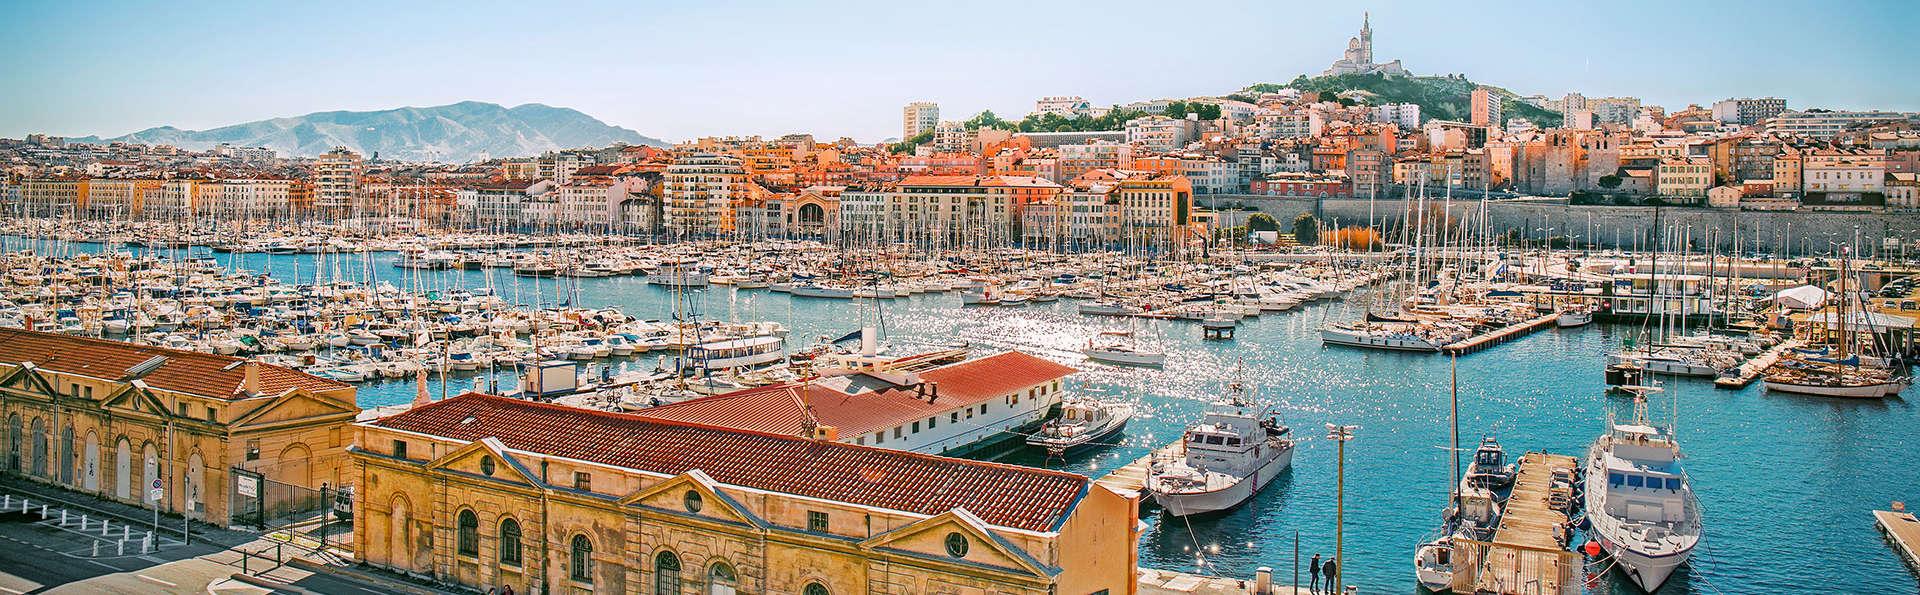 Best Western Hotel Marseille Bourse Vieux Port by HappyCulture - EDIT_marseille2.jpg